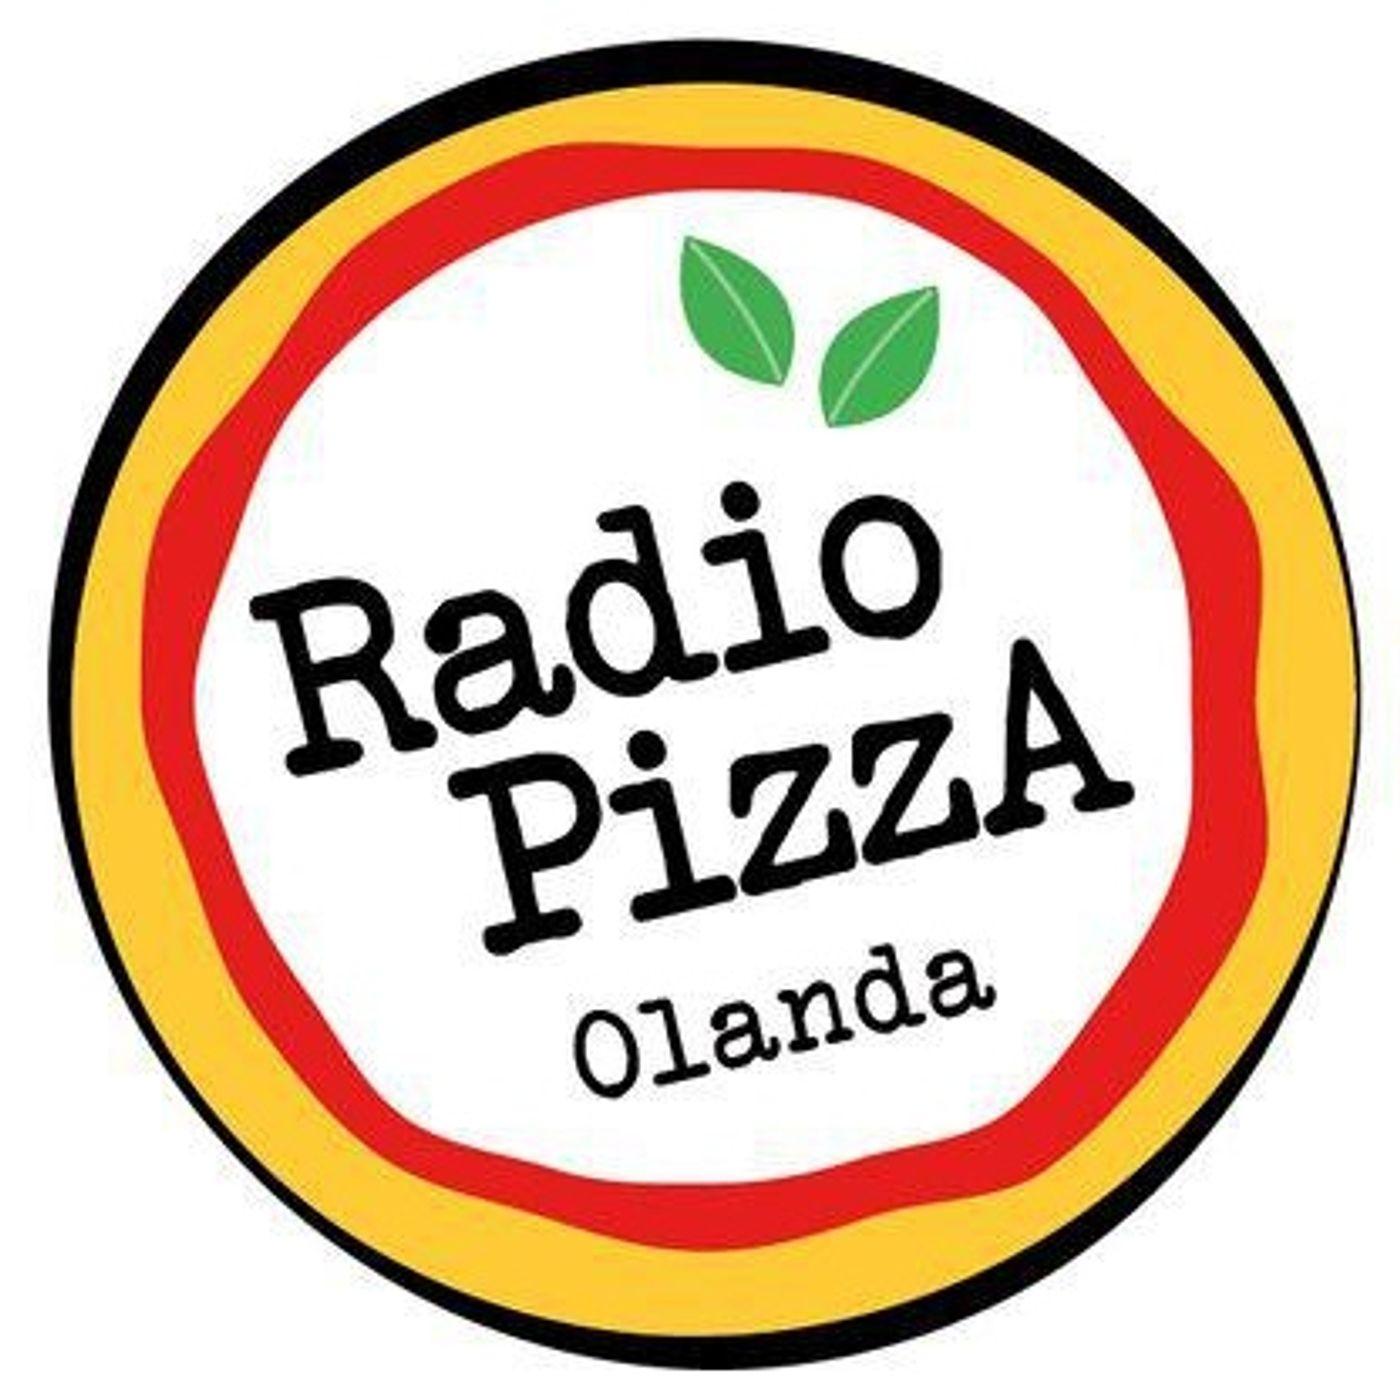 RadioPizza Olanda